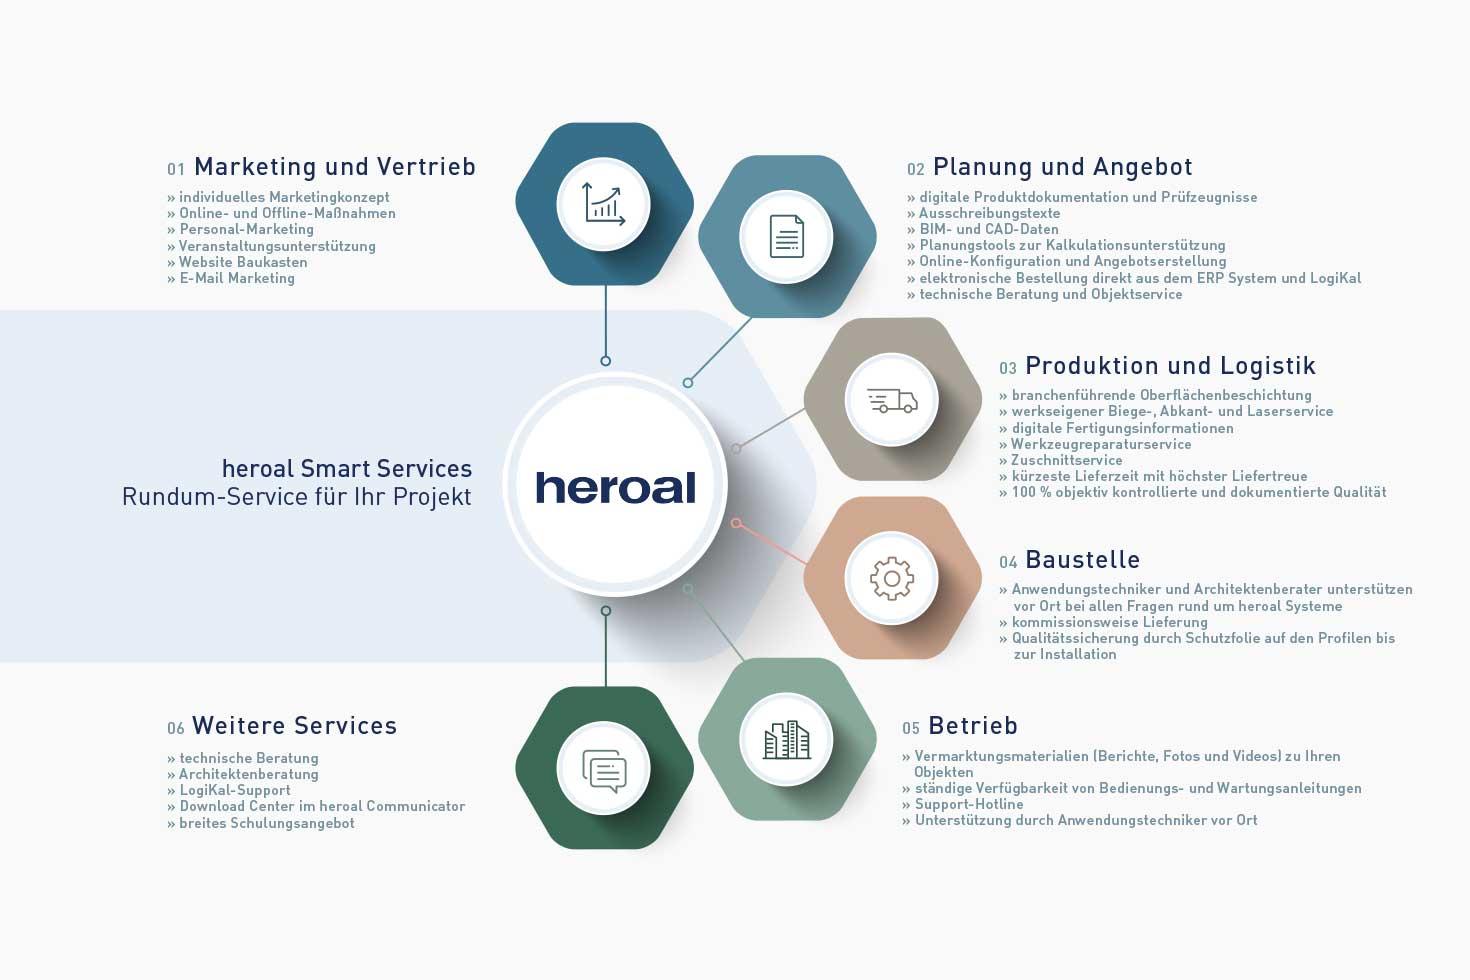 Architektenberatung - Smart Services